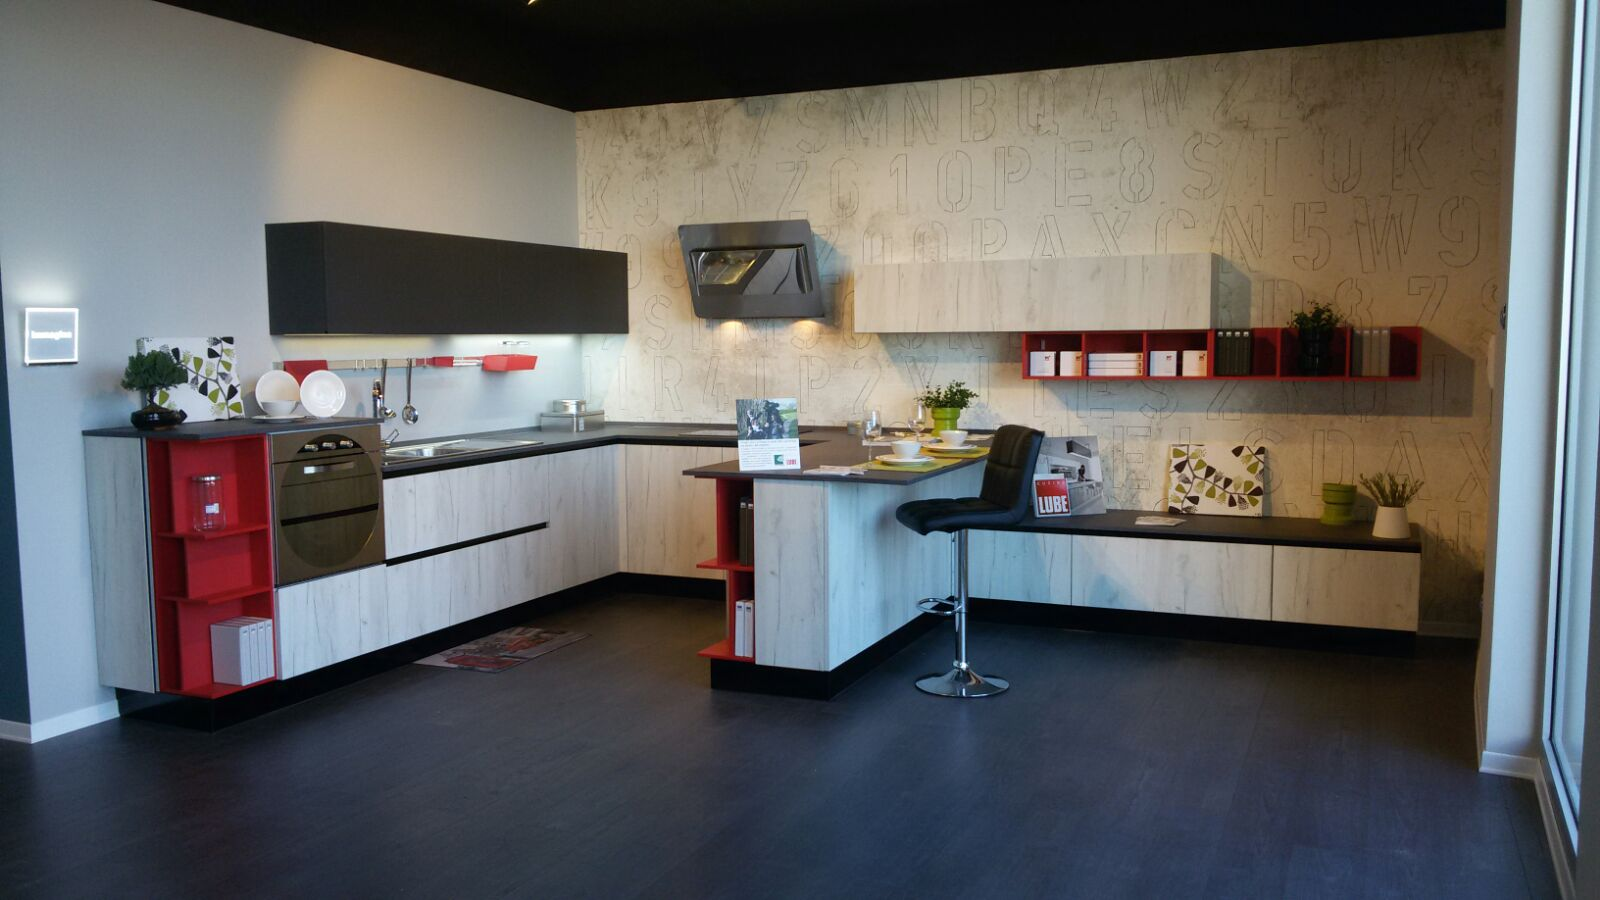 Sabato 27 febbraio inaugura nuovo Centro Cucine Lube a Napoli ...